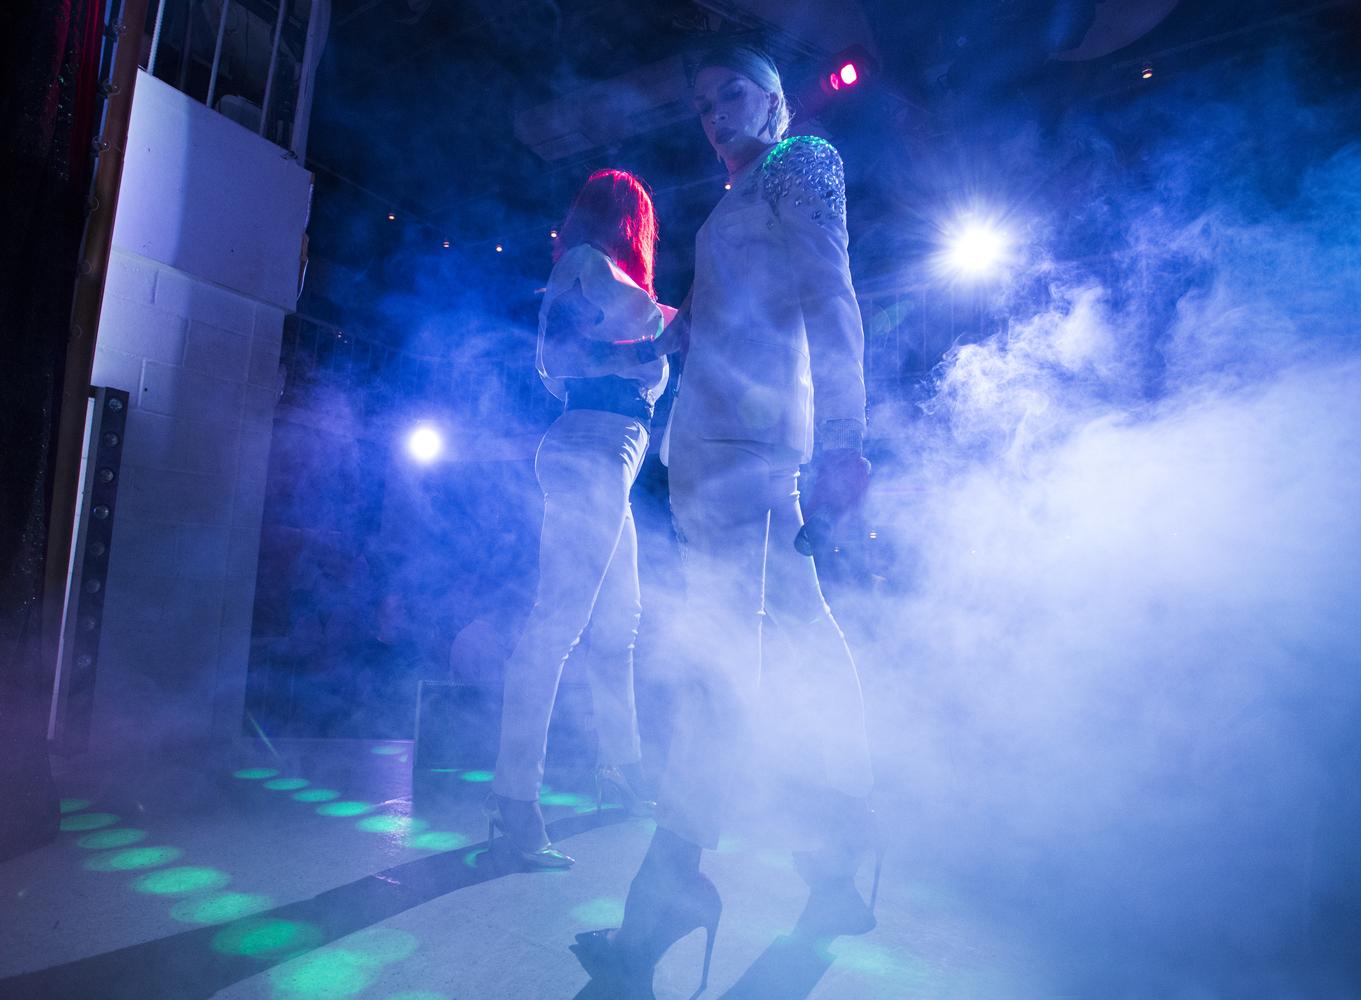 Miss Shamina et Roxy Hart font le show © Kseniya Yablonskaya